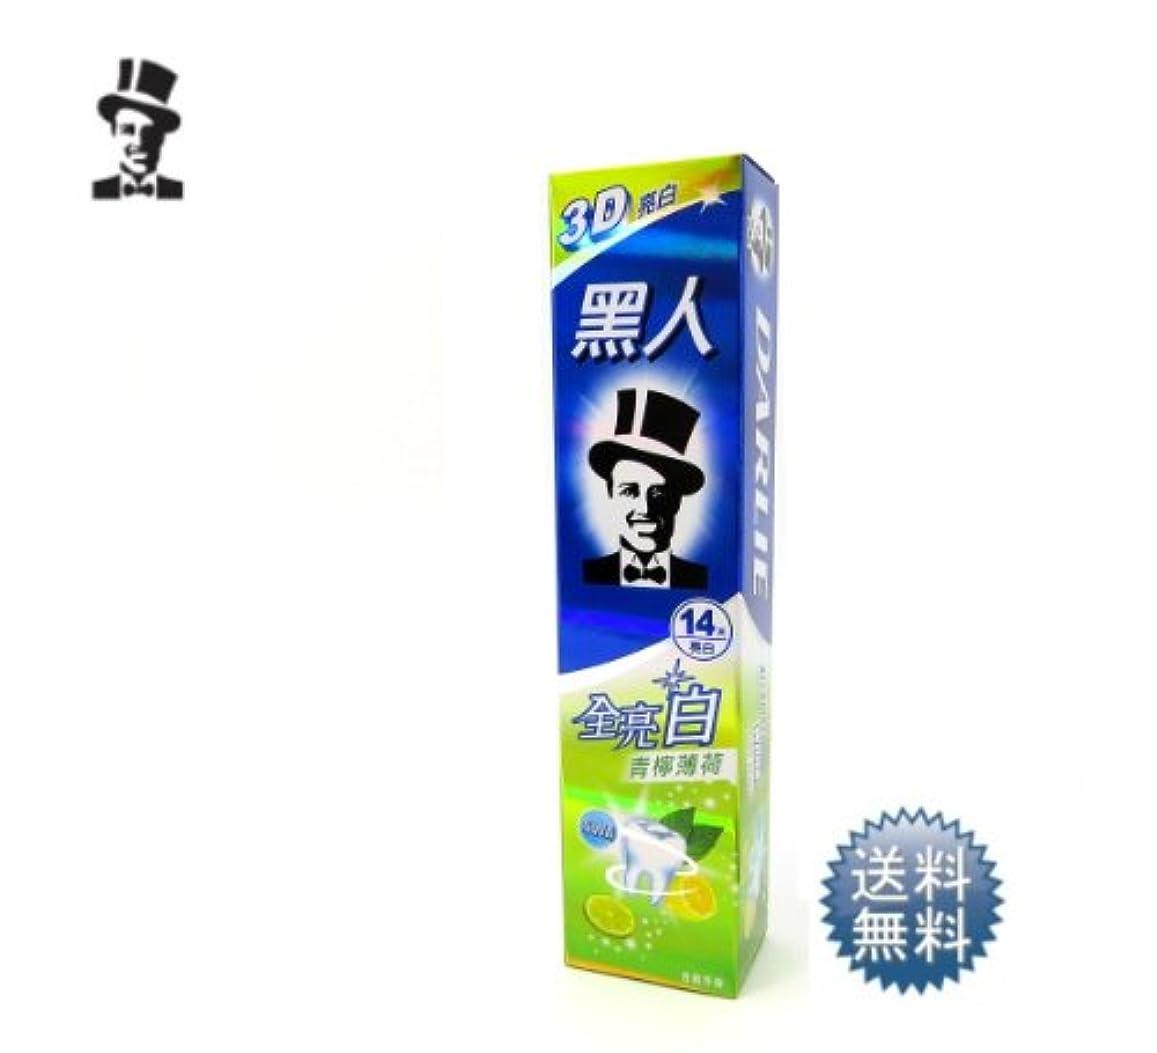 バイパスリーンいらいらさせる台湾 黒人 歯磨き 全亮白 青檸薄荷 140g